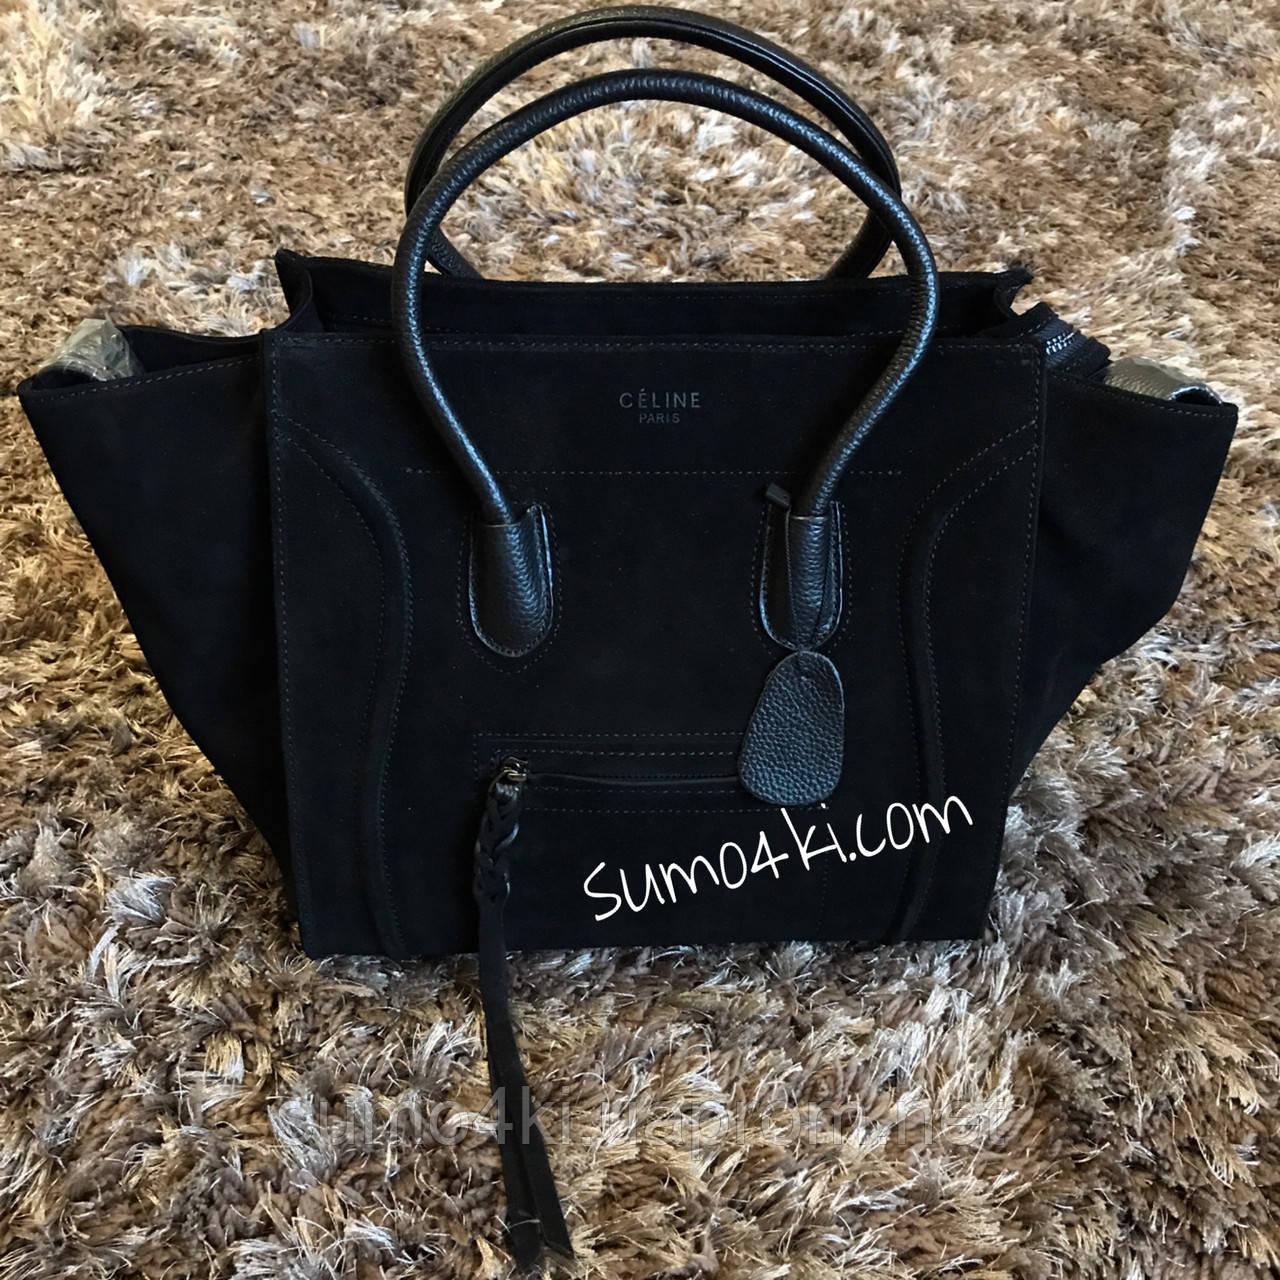 18f2e97e452c Купить Шикарную замшевую сумку Celine Phantom оптом и в розницу в ...